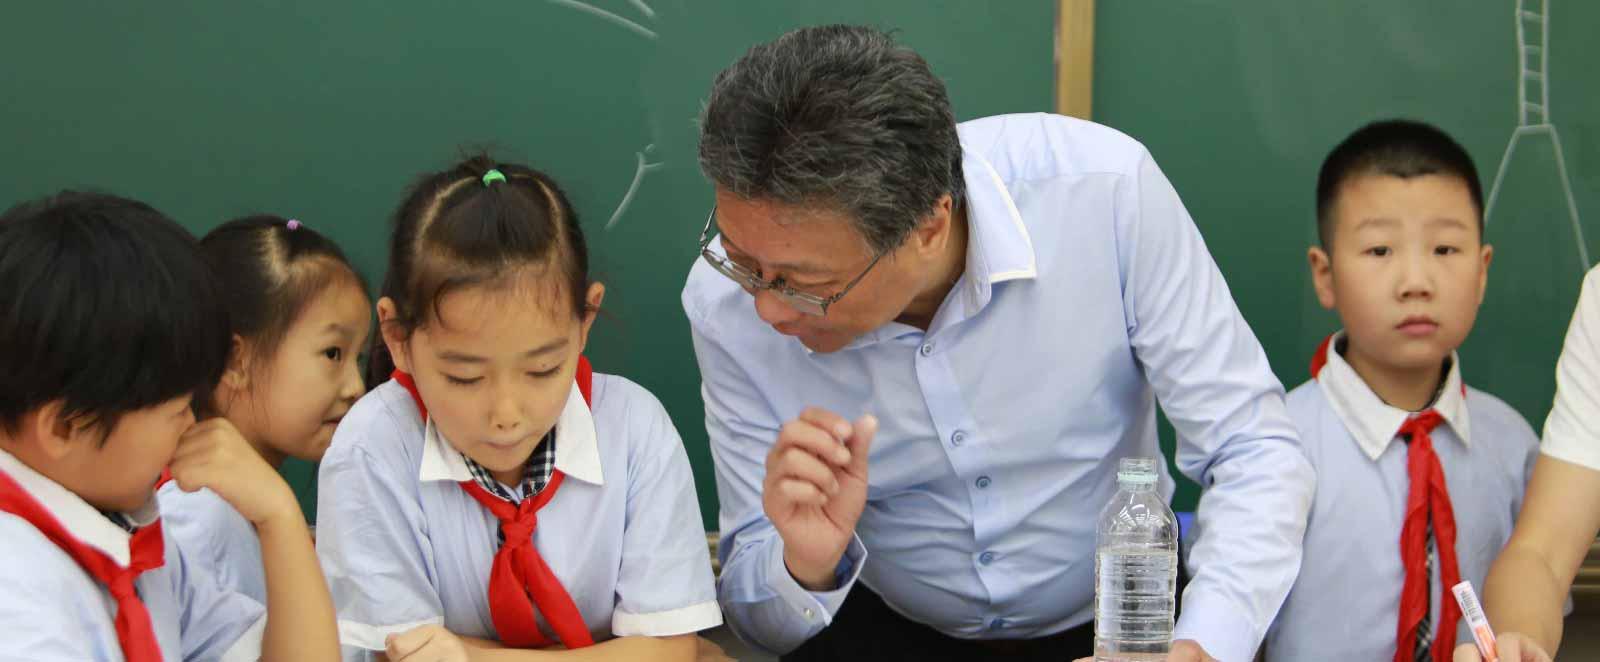 《同一堂课》即将开播 探讨传统国学传播中华文化